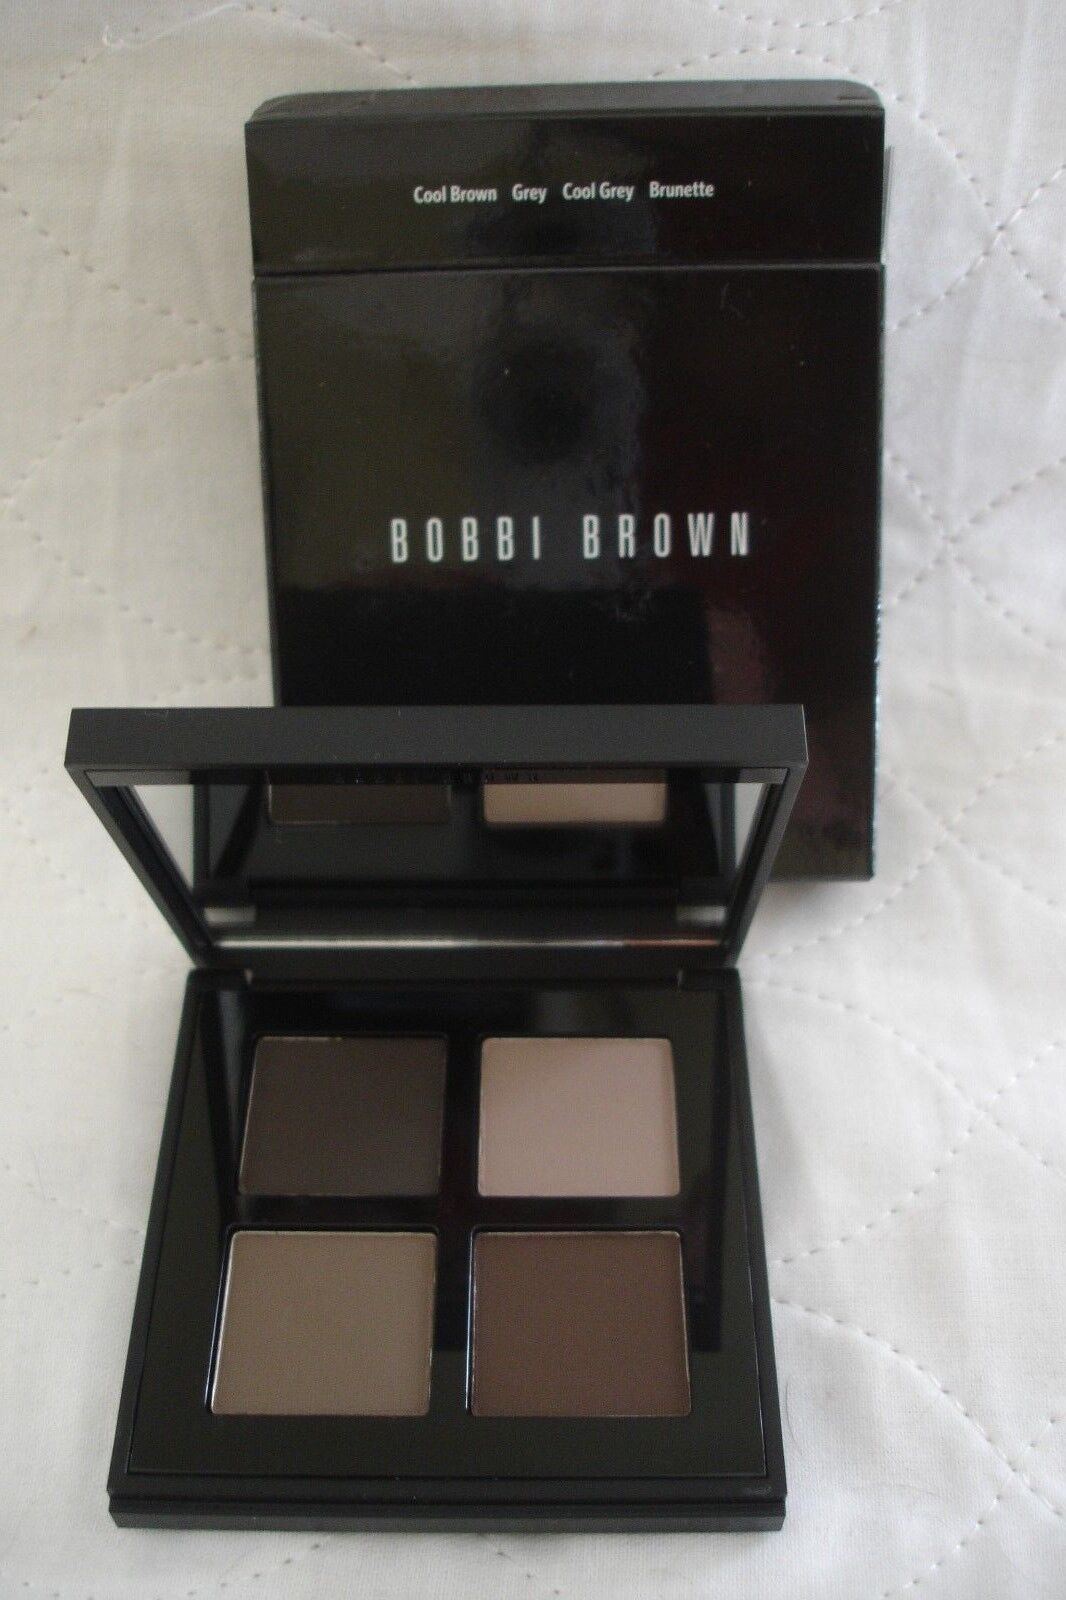 Bobbi Brown Downtown Cool Eye Shadow Palette - Limited Editi